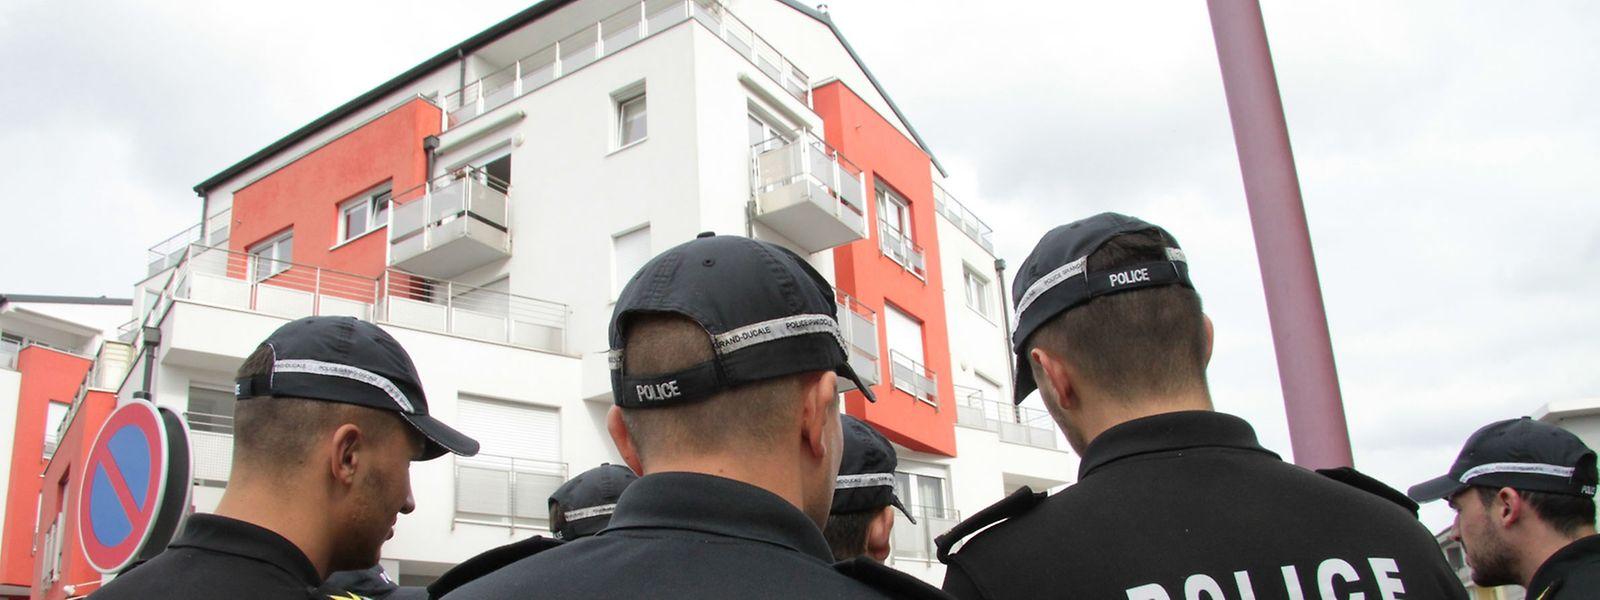 Die Ermittlungen drehten sich am Mittwoch um das Mehrfamilienhaus in Bereldingen.